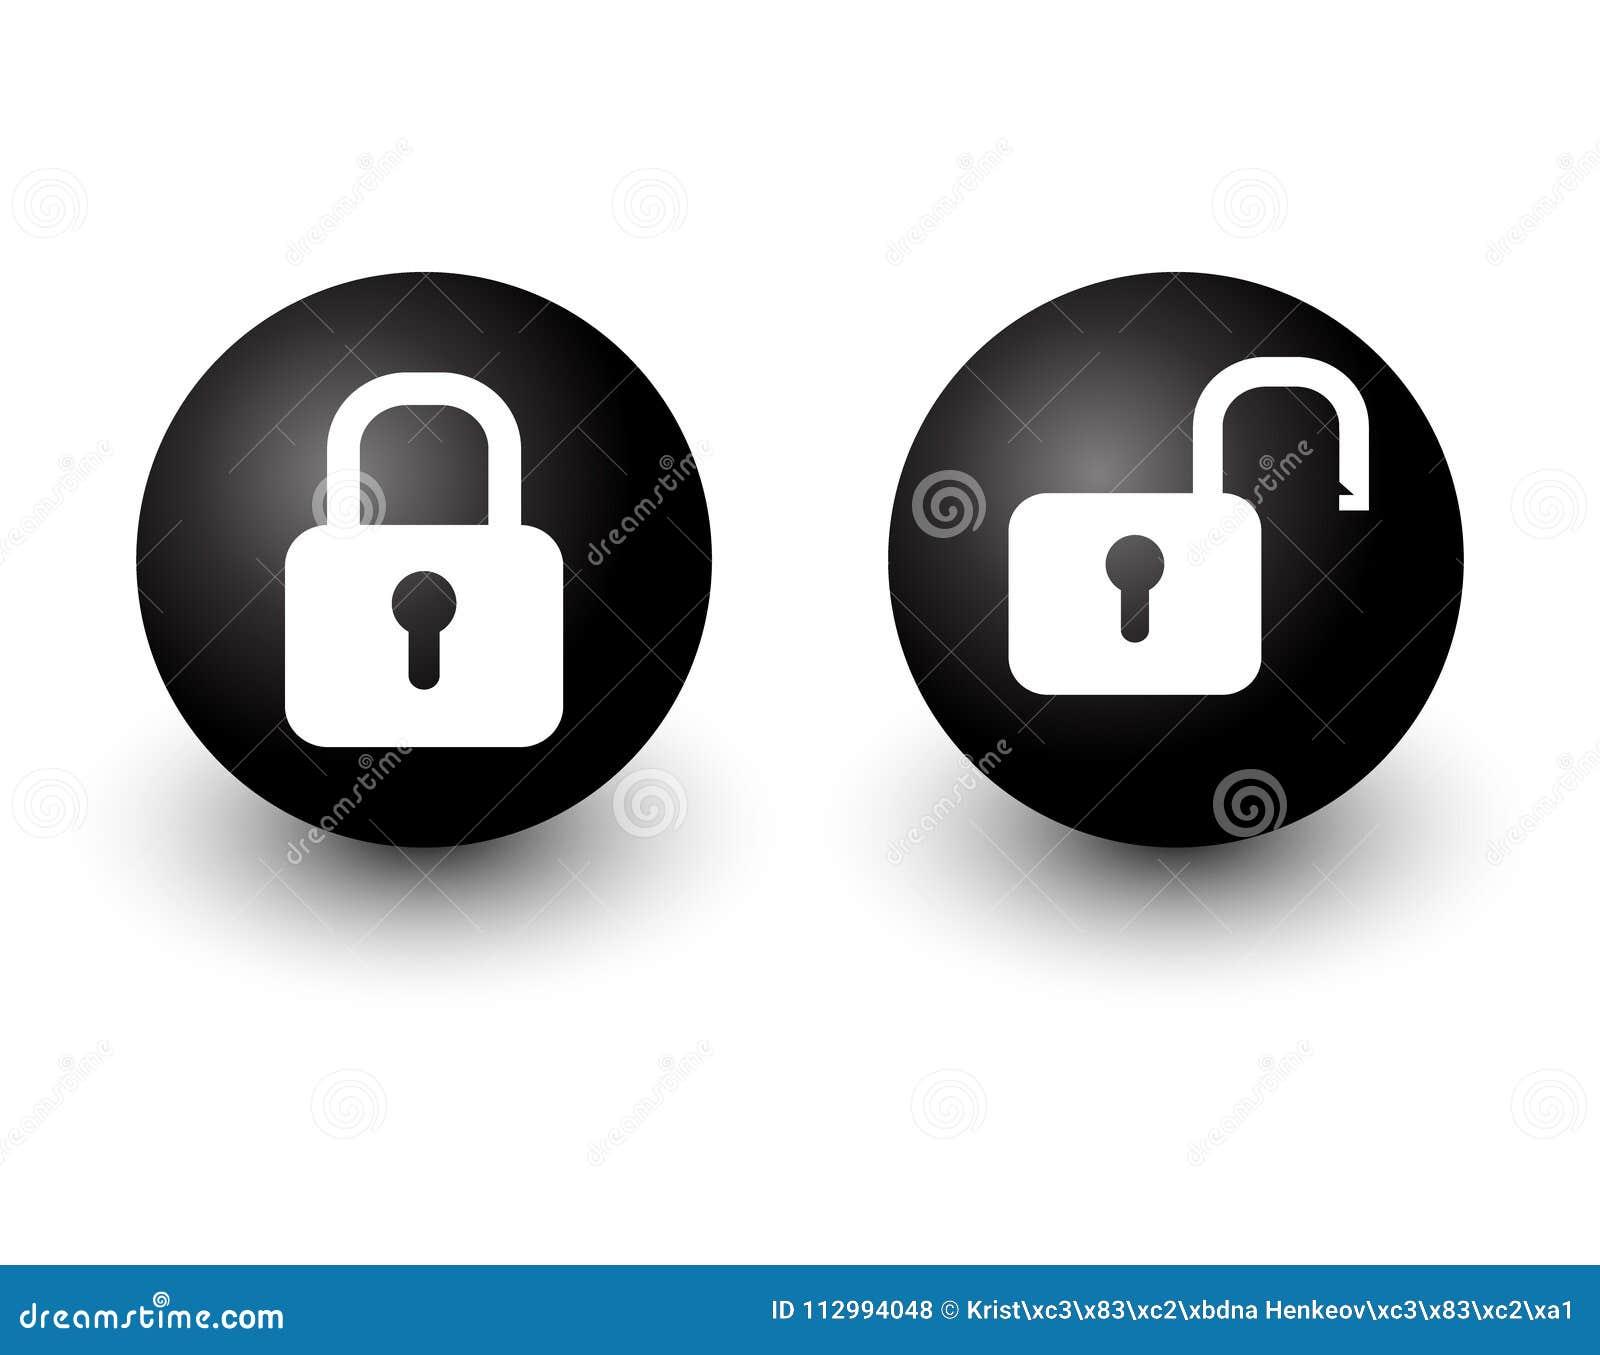 Padlock el icono bloqueado y desbloqueado b del botón del círculo del web del vector de la cerradura